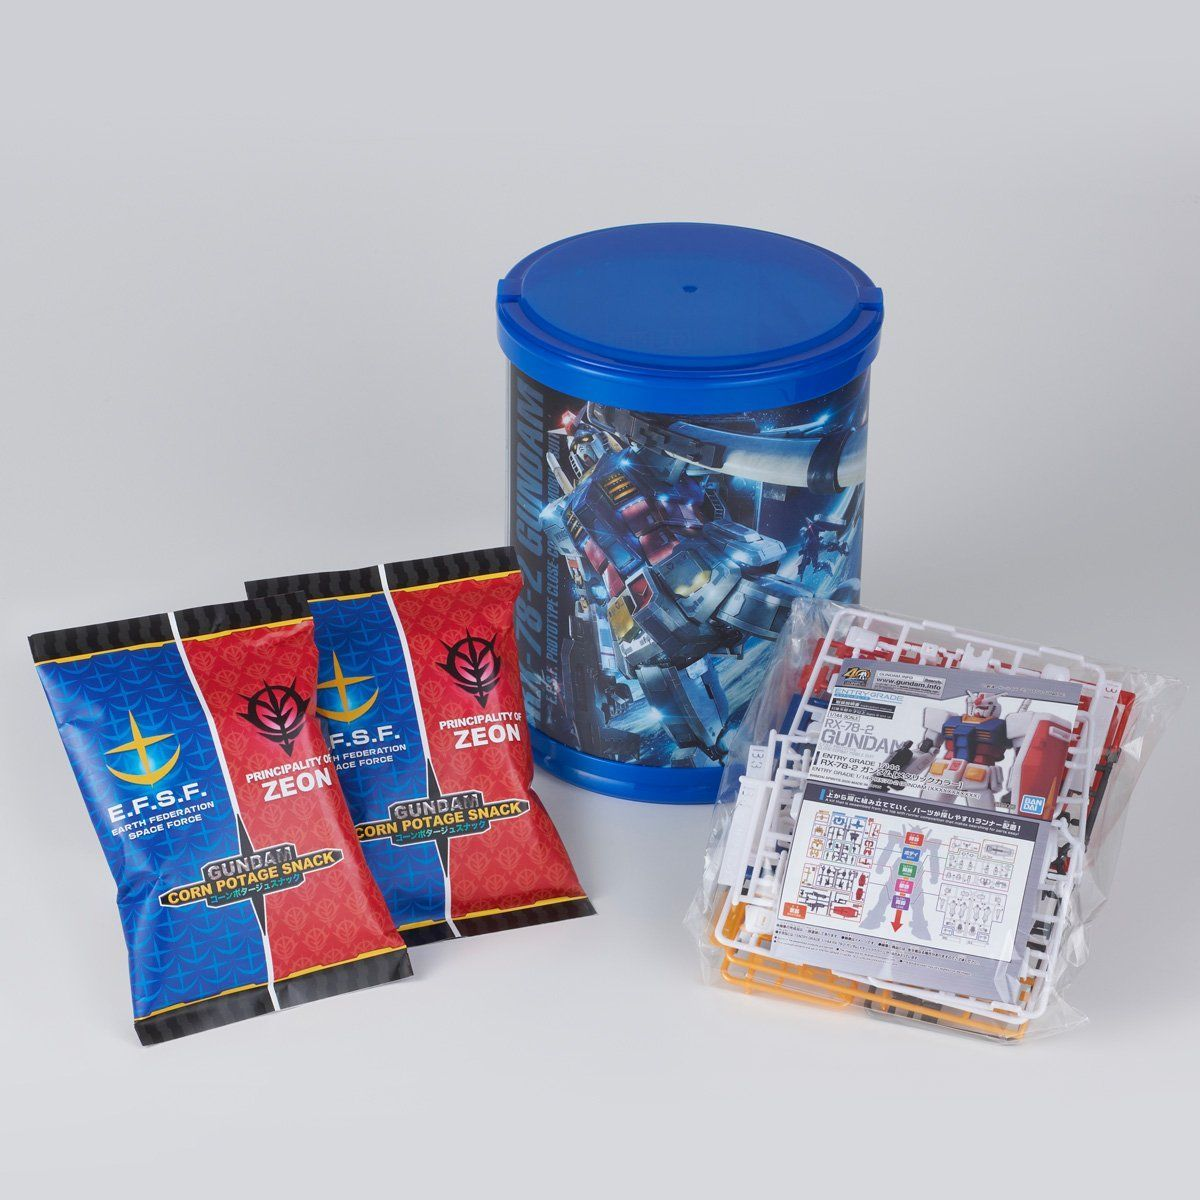 【限定販売】【食玩】EGガンダム『ガンプラ入りラウンドBOX』ENTRY GRADE 1/144 RX-78-2 ガンダム プラモデル-005